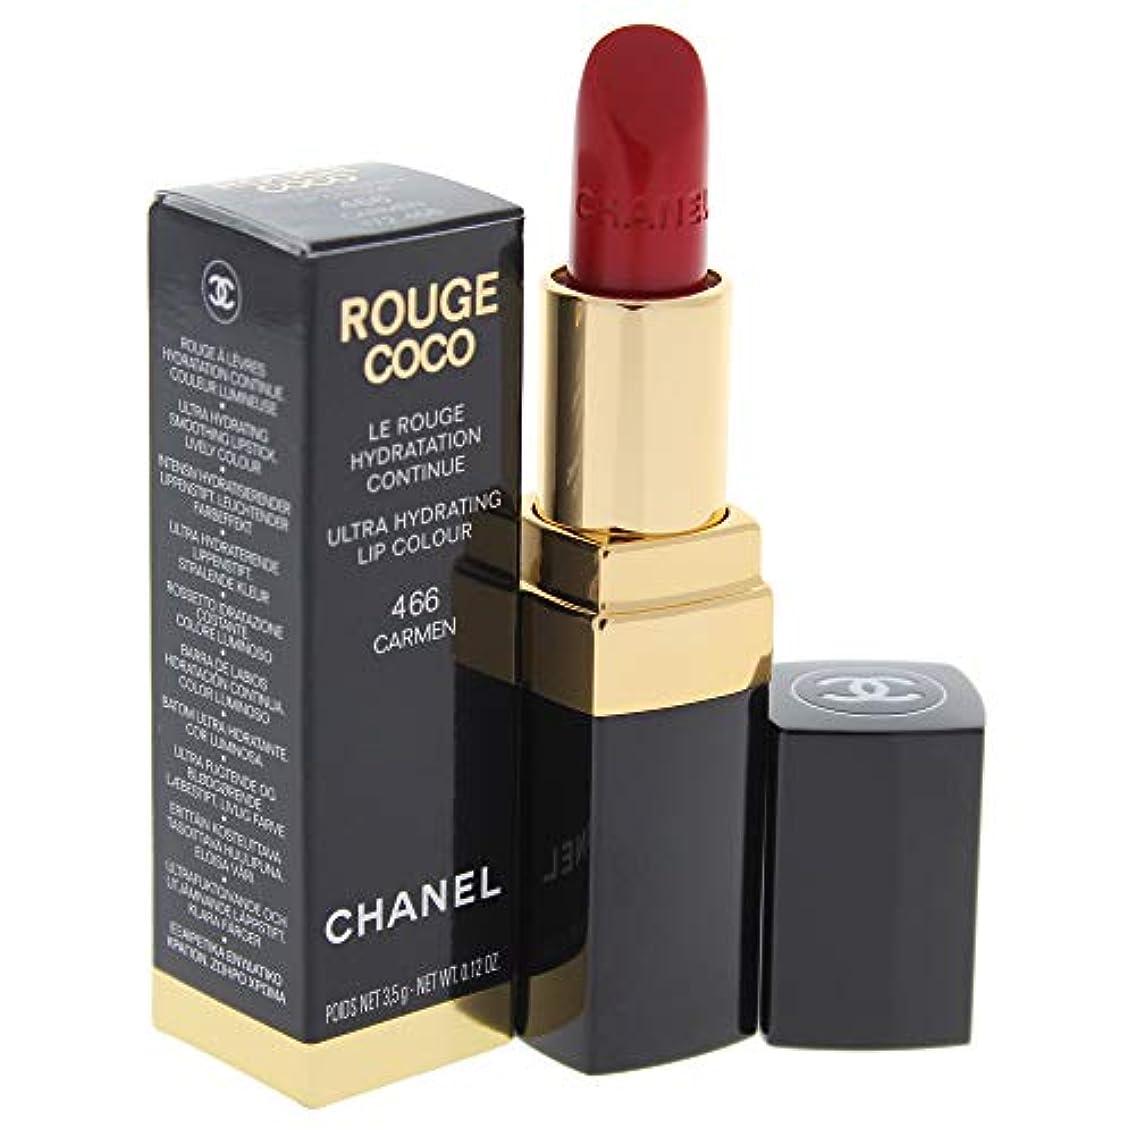 流パノラマ闘争シャネル Rouge Coco Ultra Hydrating Lip Colour - # 466 Carmen 3.5g/0.12oz並行輸入品